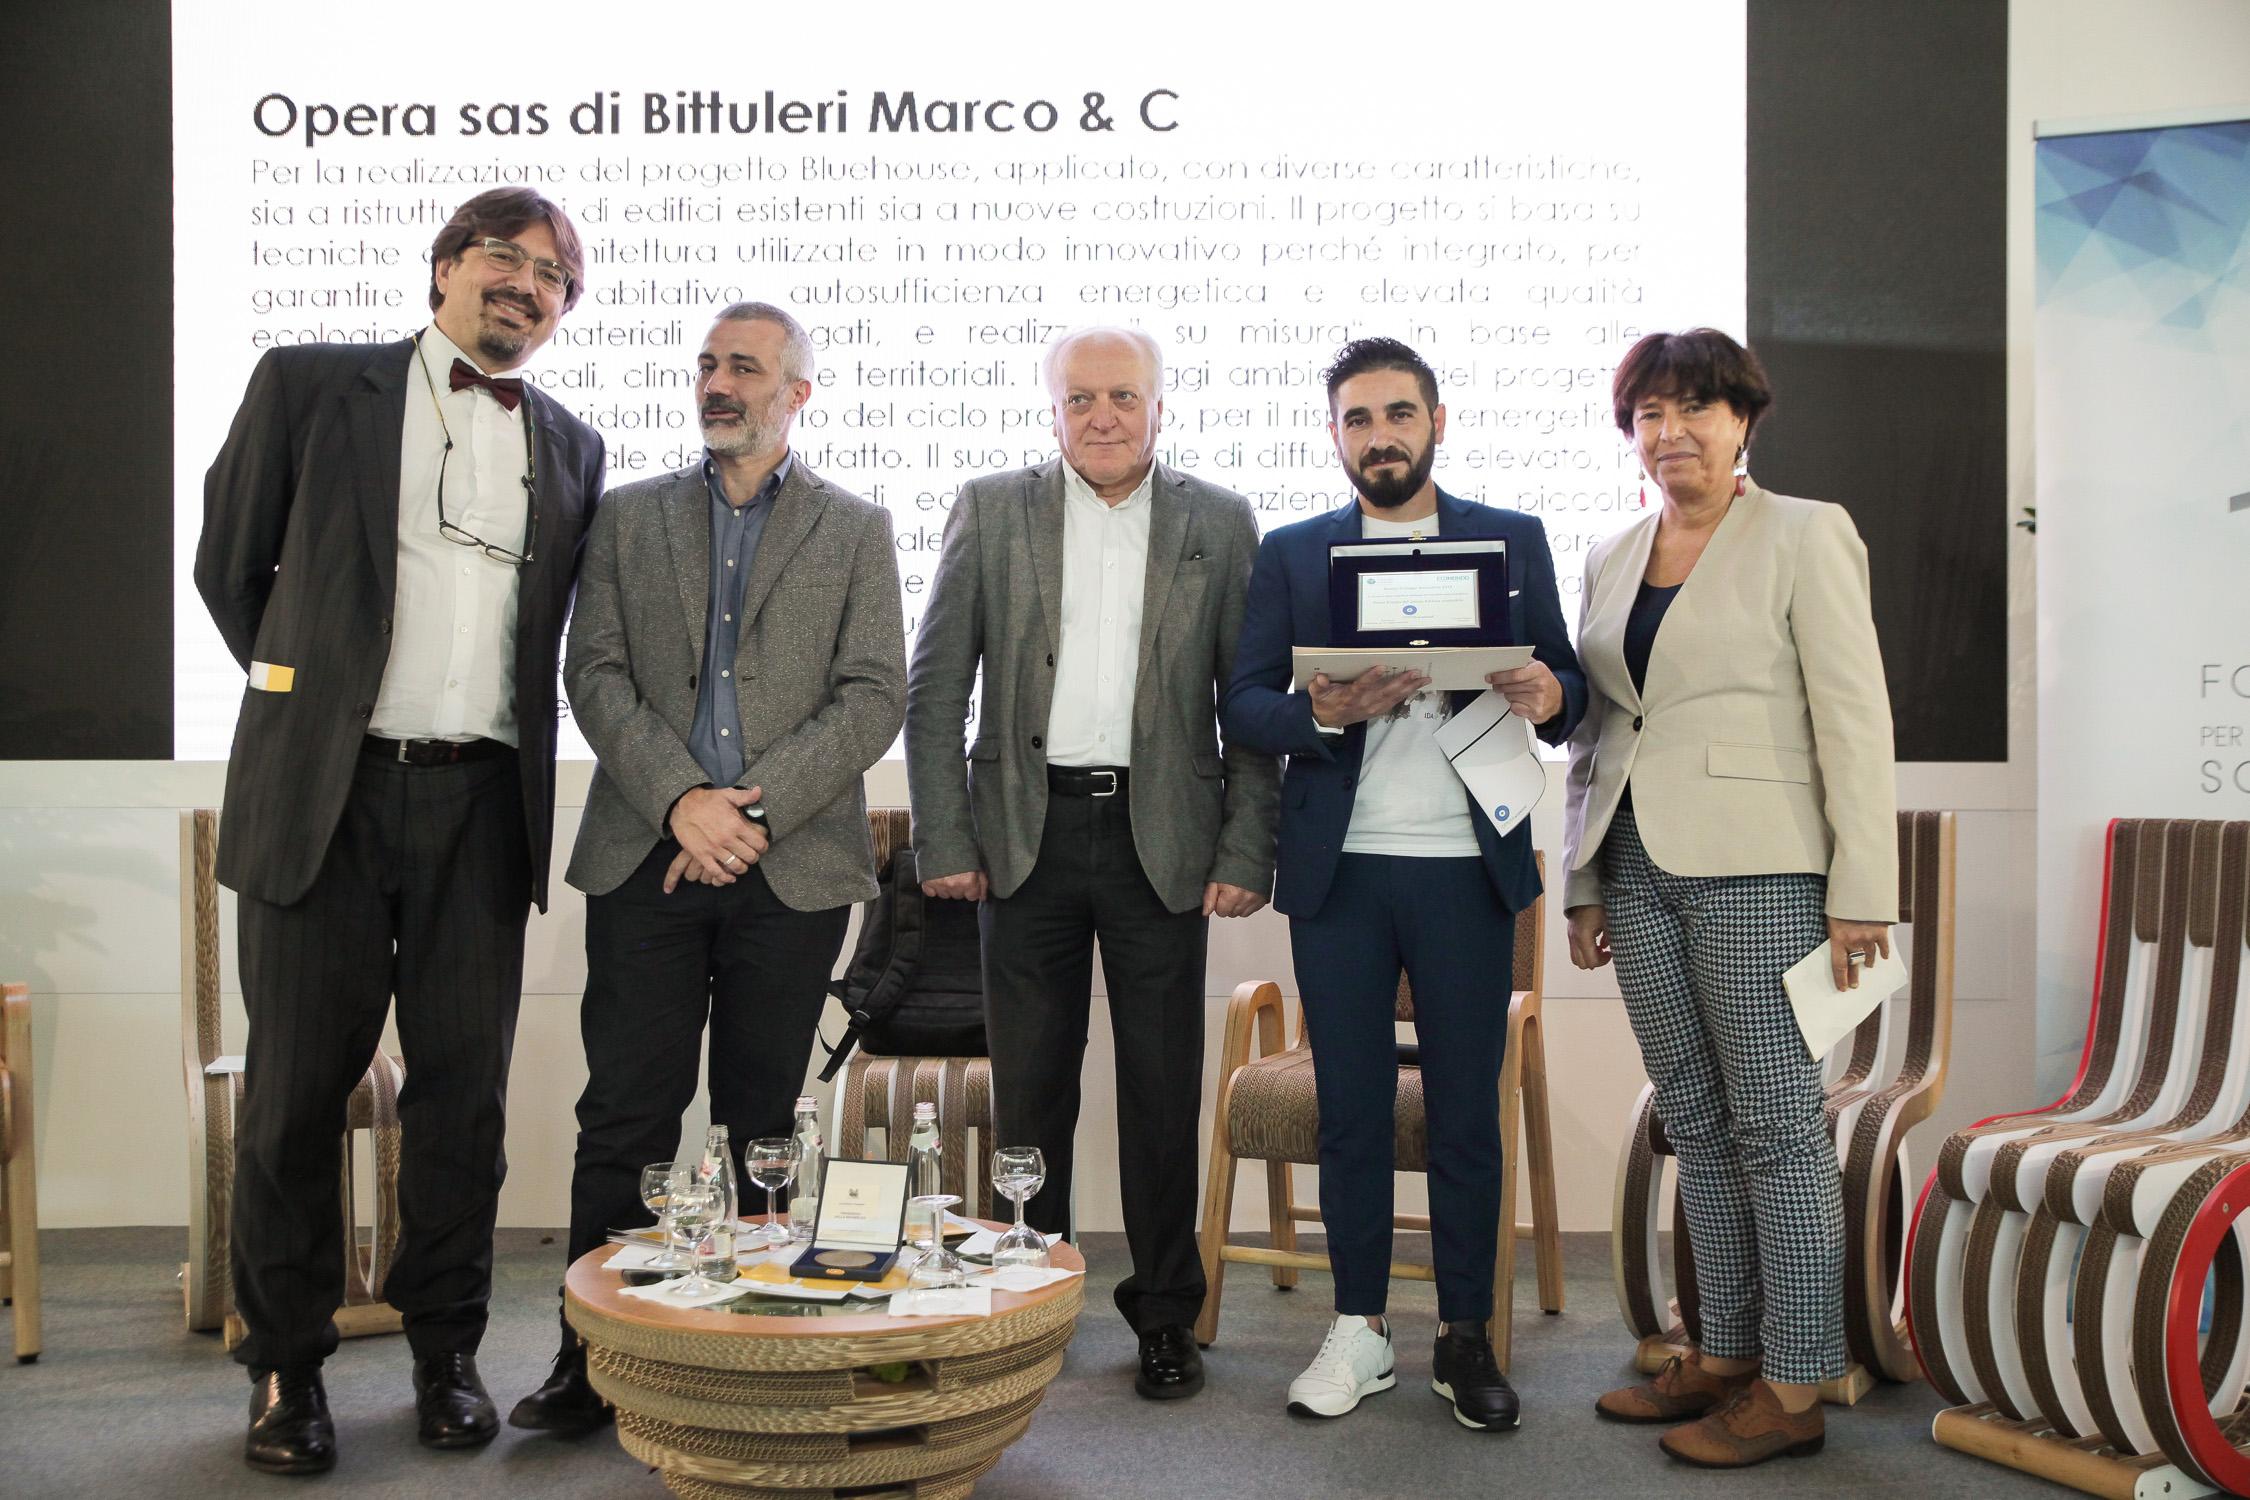 ECOMONDO-_Premio-per-lo-sviluppo-sostenibile-2018_Bittuleri-Marco_3